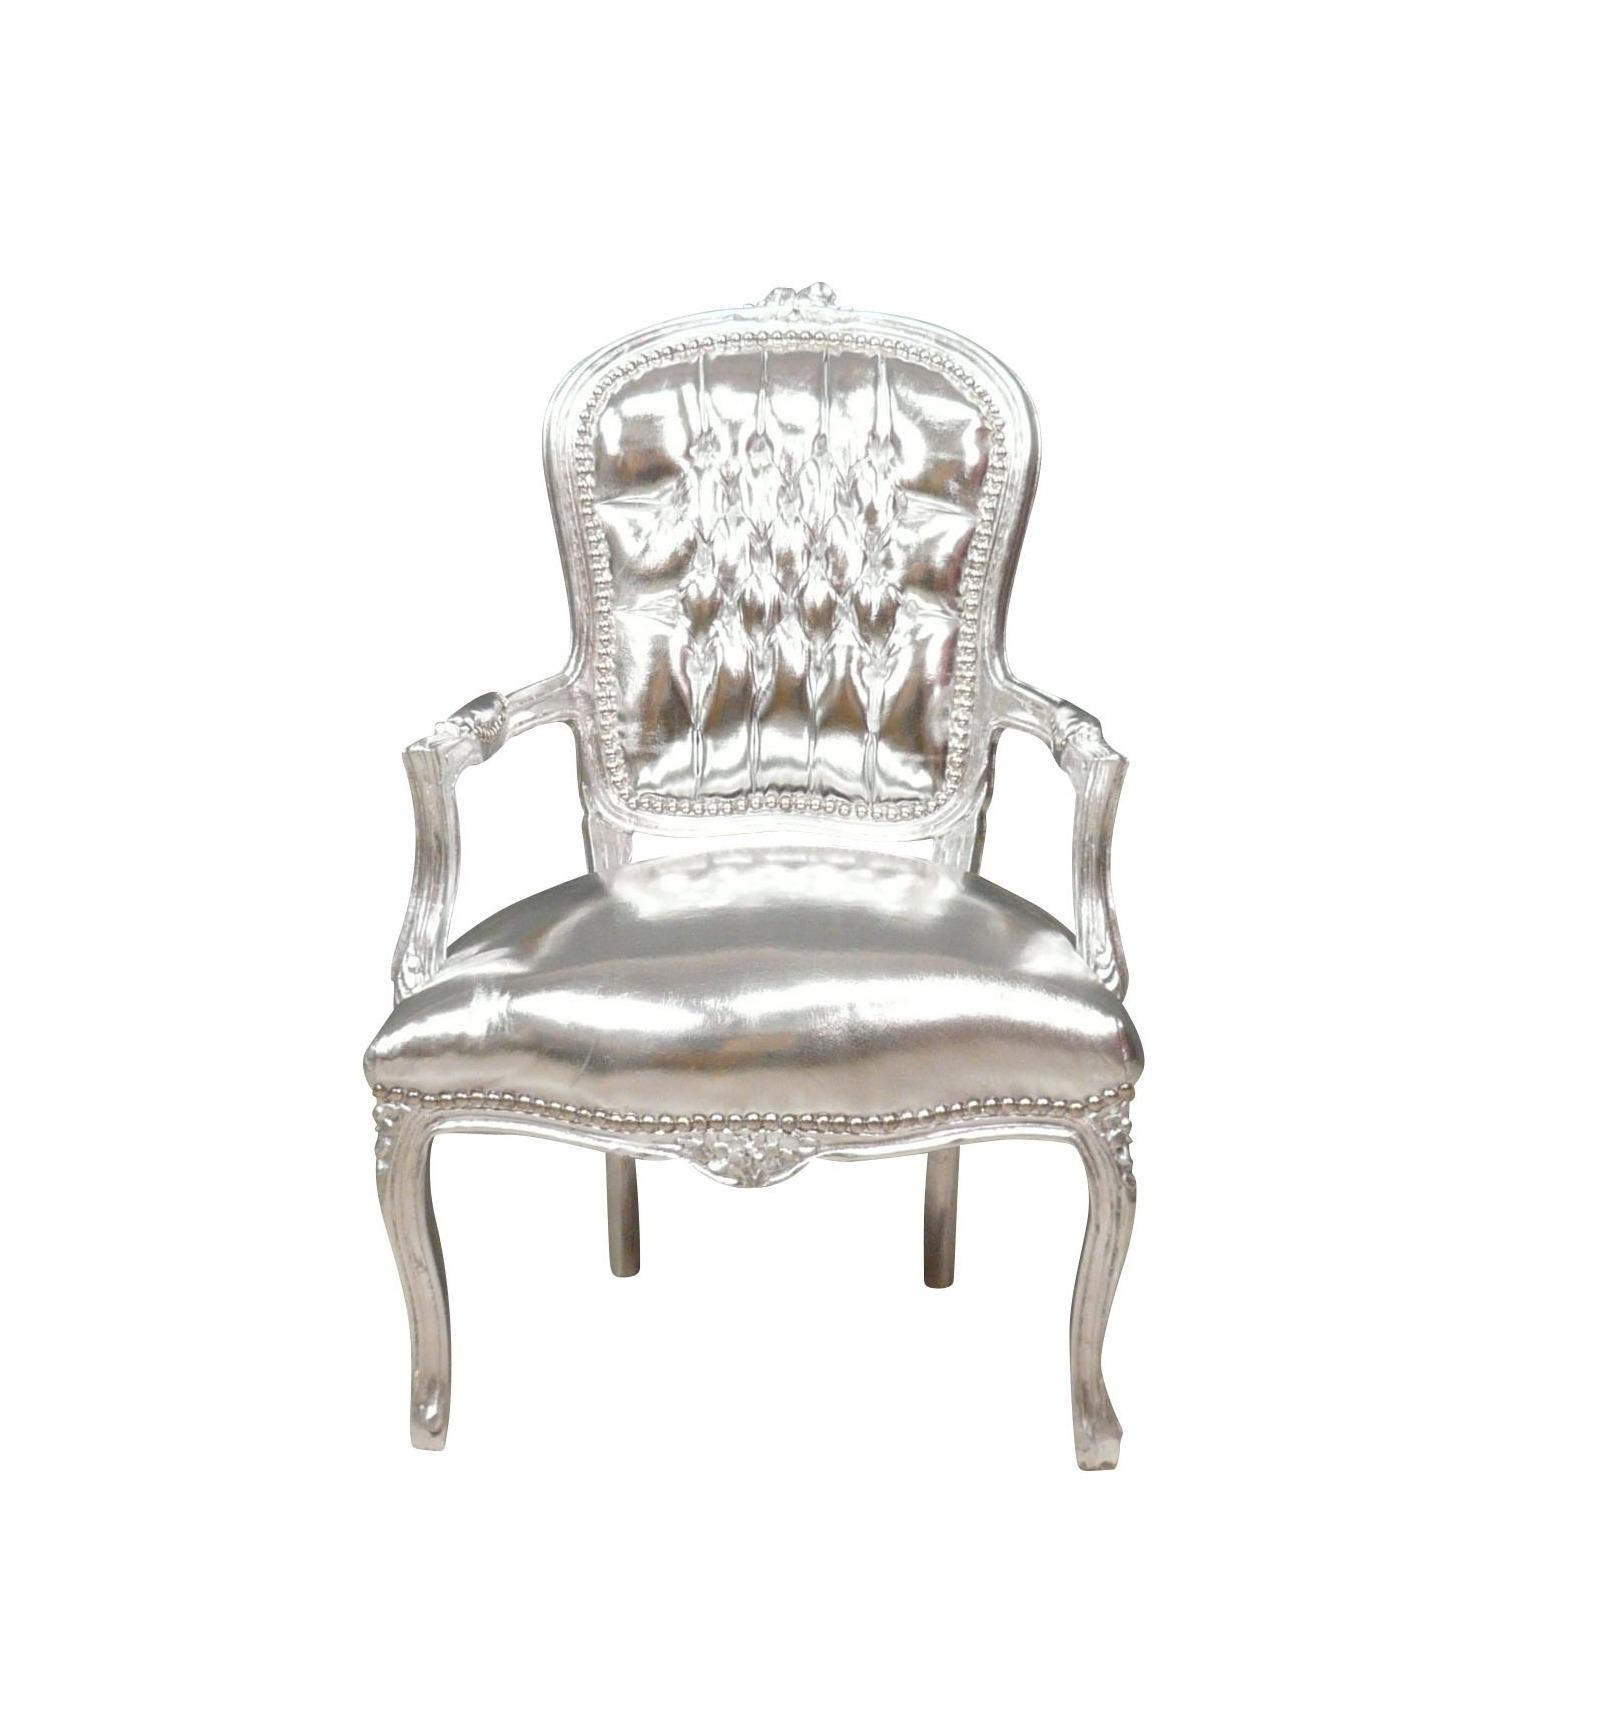 fauteuil baroque louis xv argent fauteuils louis xv. Black Bedroom Furniture Sets. Home Design Ideas